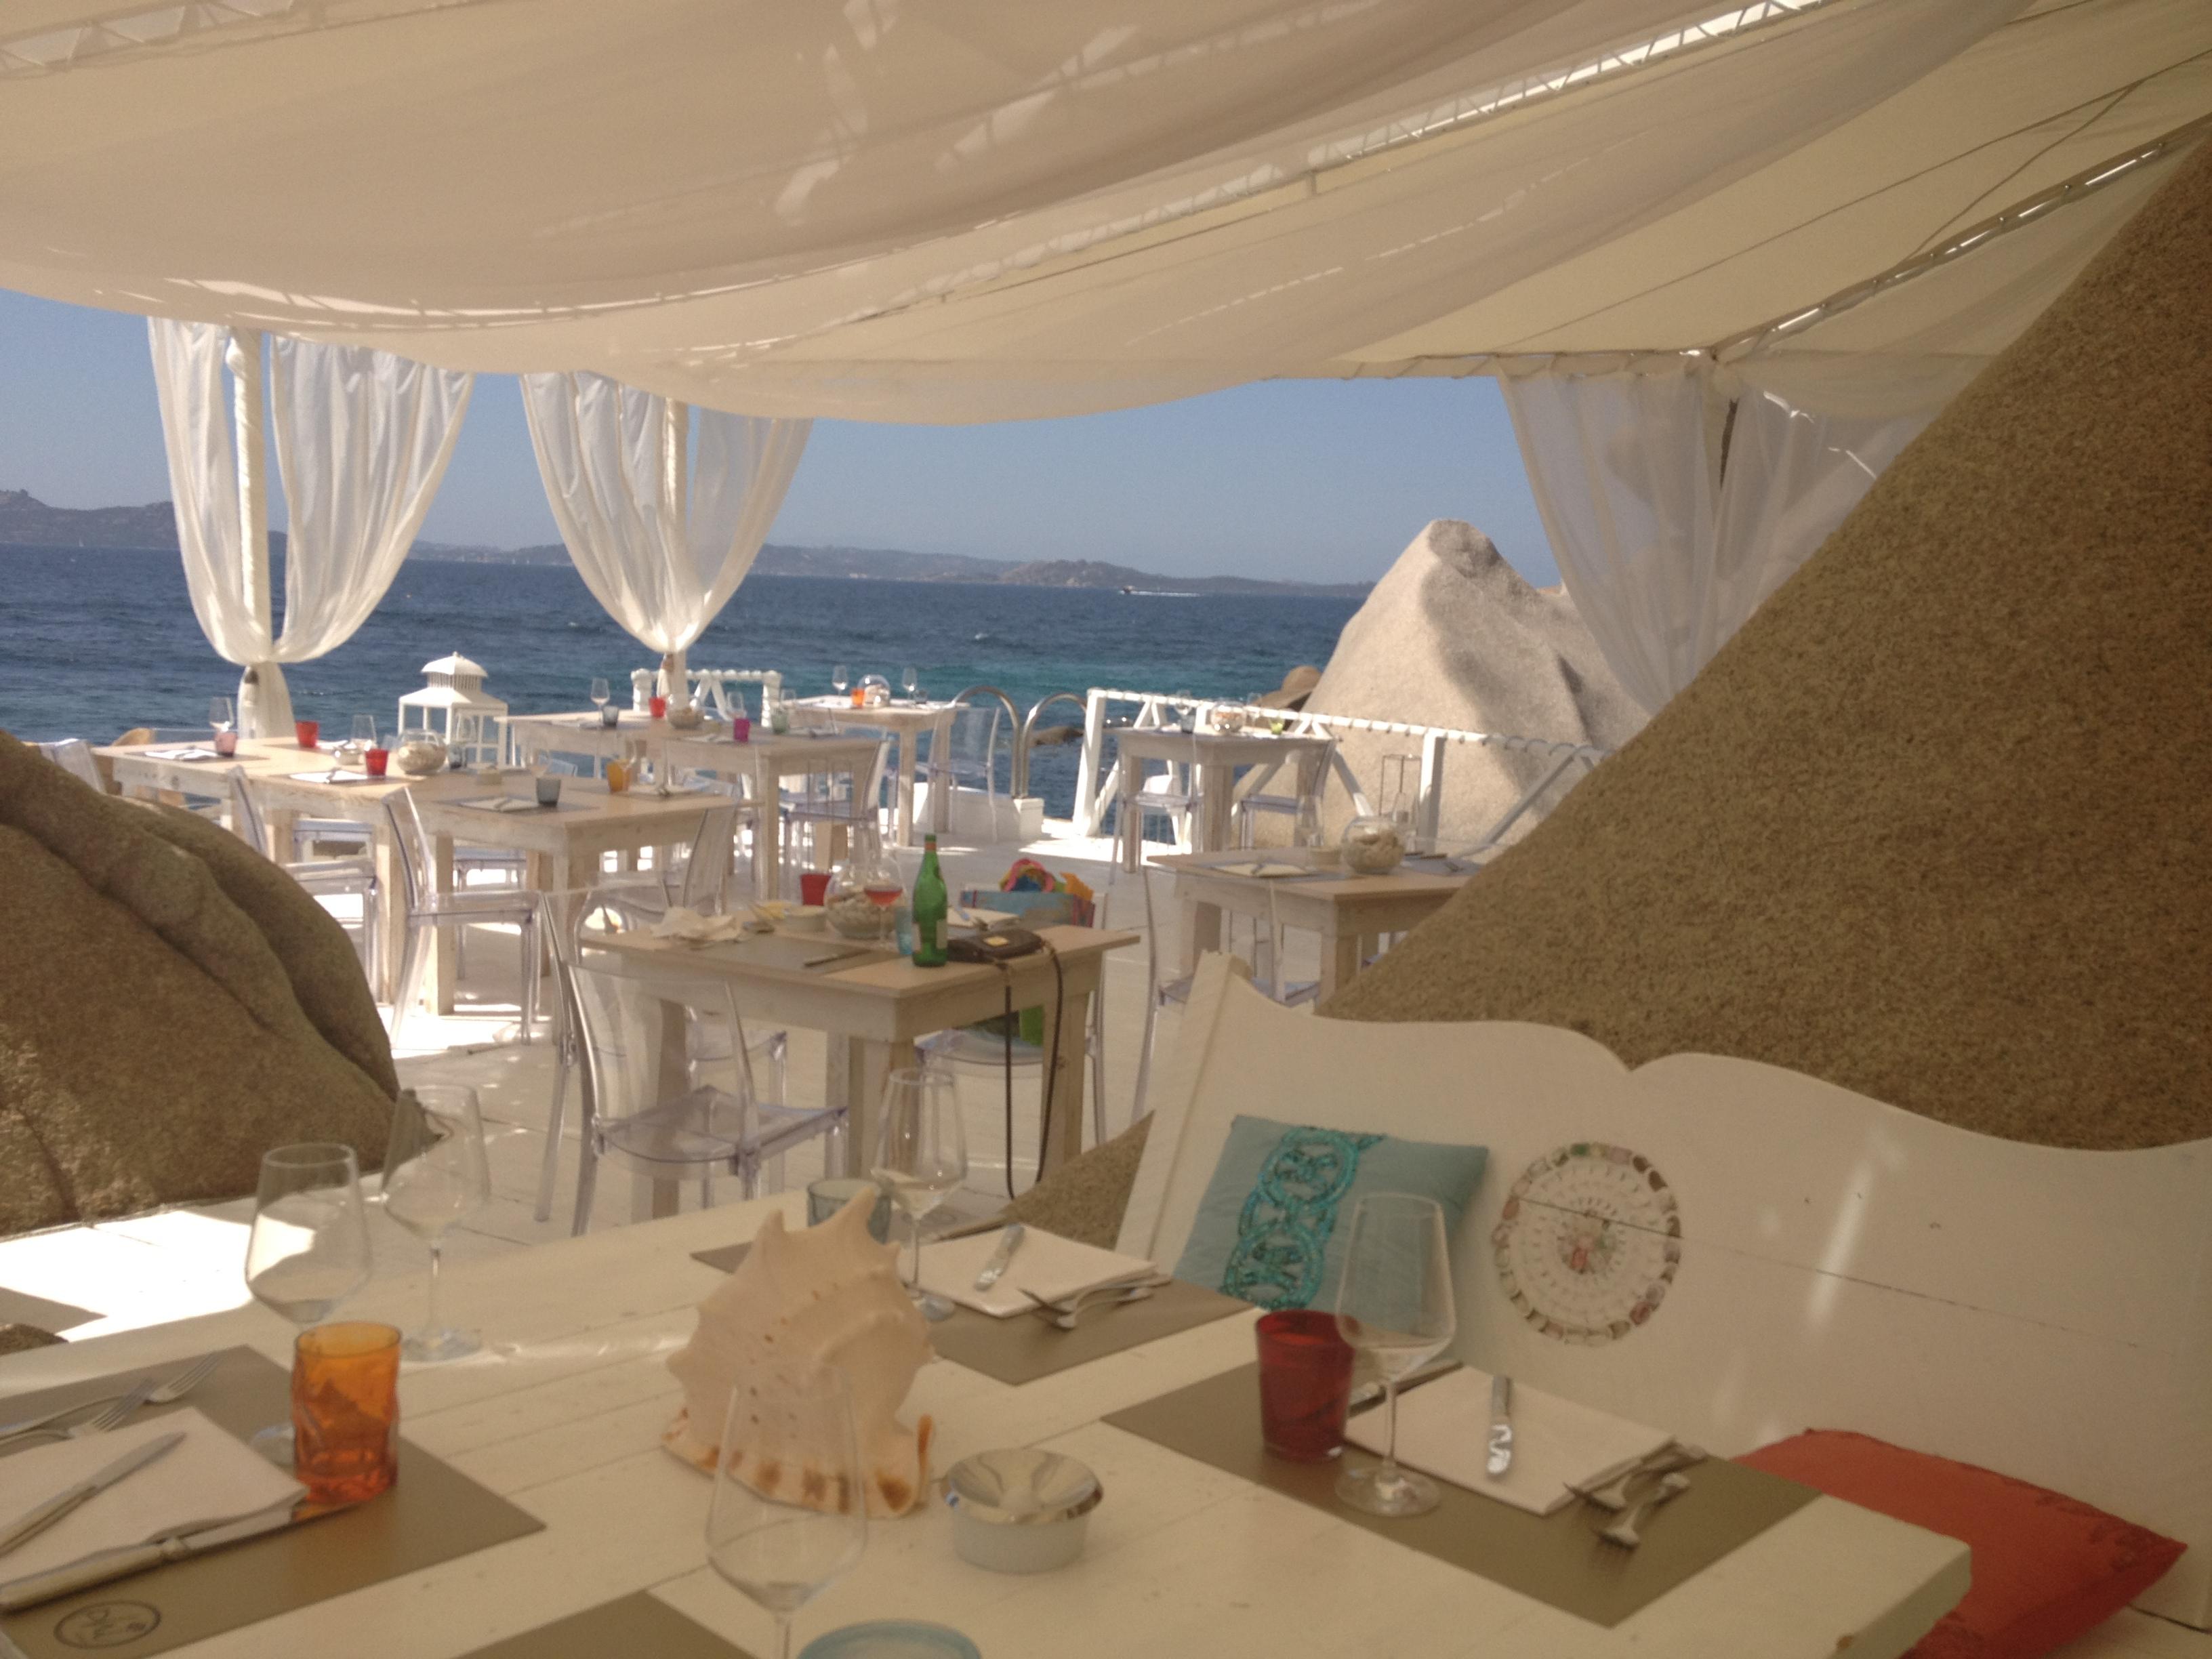 No verão europeu de 2012 passei uma semana na Sardegna, lugar lindissimo, com a água do mar em um verde indescritível. Adorei todas as praias, mas a que mais me chamou atenção foi esta pequena enseada particular, chamada Phi Beach. O lugar é de dificil acesso (minha dica estando na Sardegna é alugar um carro), perto de Porto Cervo, no norte da ilha, porém o charme e beleza do complexo vale a procura. Phi Beach é um beach club muito bem decorado e que conta com um restaurante excepcional. O design caiu como uma luva para o lugar, que tem serviço 5 estrelas para o day use. Sugiro chegar cedo para curtir a praia em bangalows unicos, depois almoçar no restaurante e aproveitar o por do sol (tramonto) ao som do DJ residente Mirko de Crescenzo. Seu dono é adorador de carros esportivos (ao chegar em Phi, voce pode ver uma Ferrari Vermelha estacionada a sua esquerda, majestosa no alto de uma colina, e um hostess super simpatico. Durante o verão ele pode ser encontrado almoçando com grupos de amigos ou em eventos que a Audi e a Veuve Clicquot fazem em Phi. Antes de ir embora, da uma olhadinha para trás e procure ver o reflexo da lua no mar... E imperdivel!